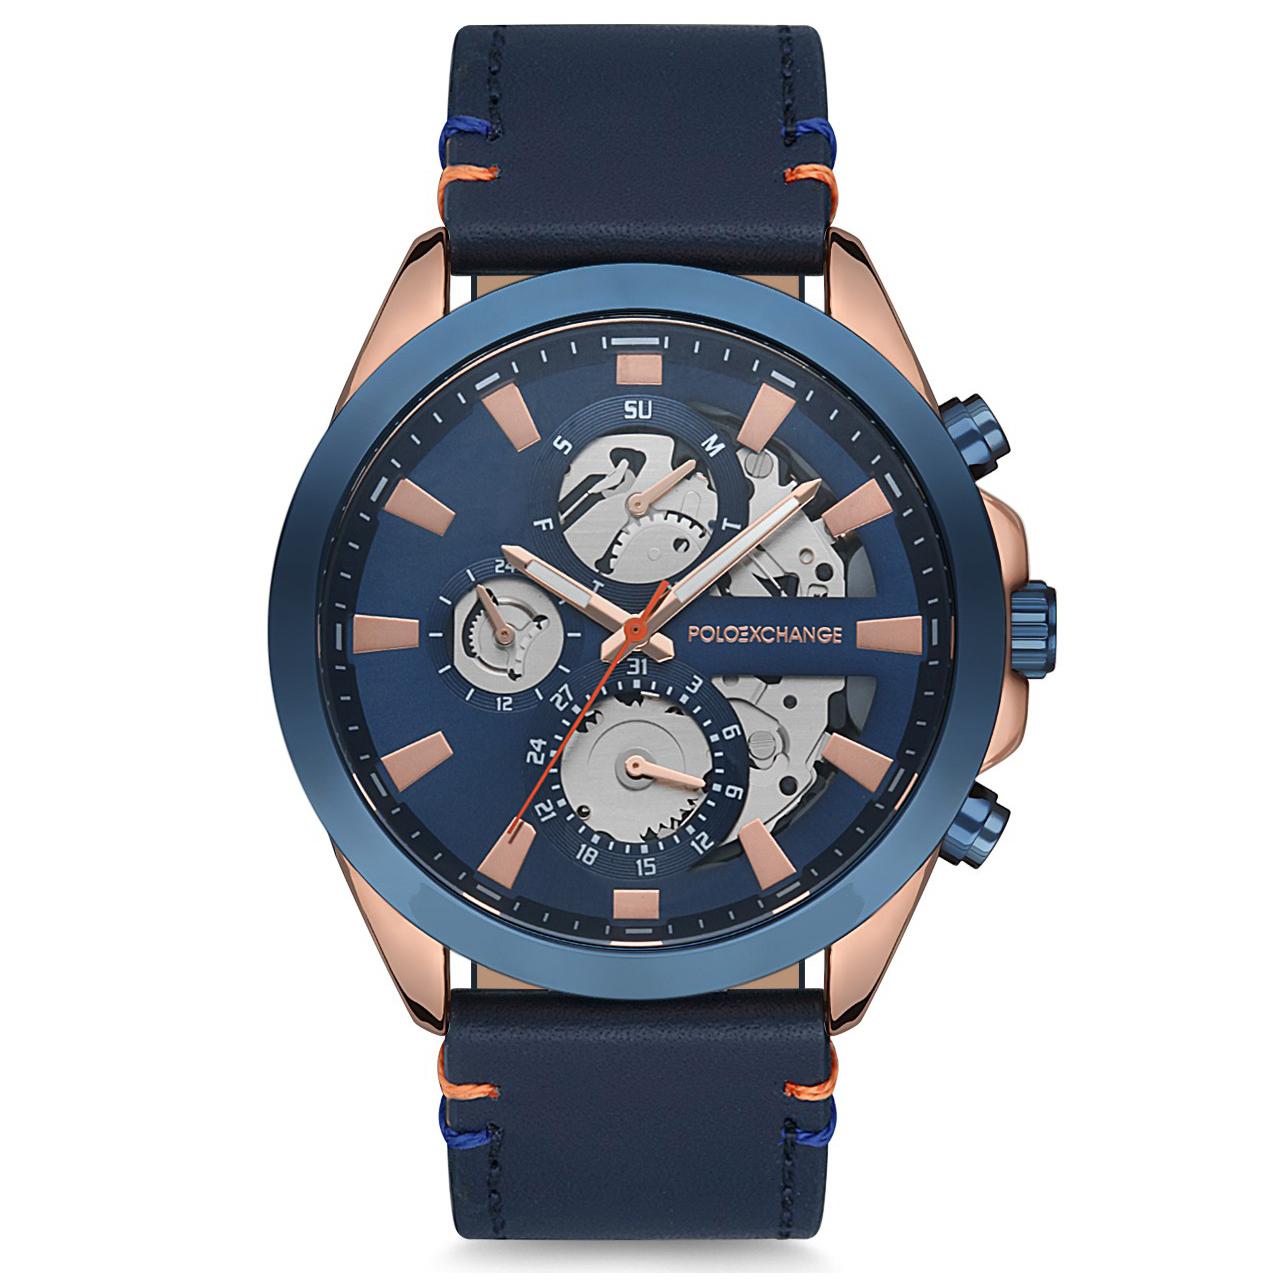 ساعت مچی عقربه ای مردانه پولو اکس چینج مدل PX0130D-05